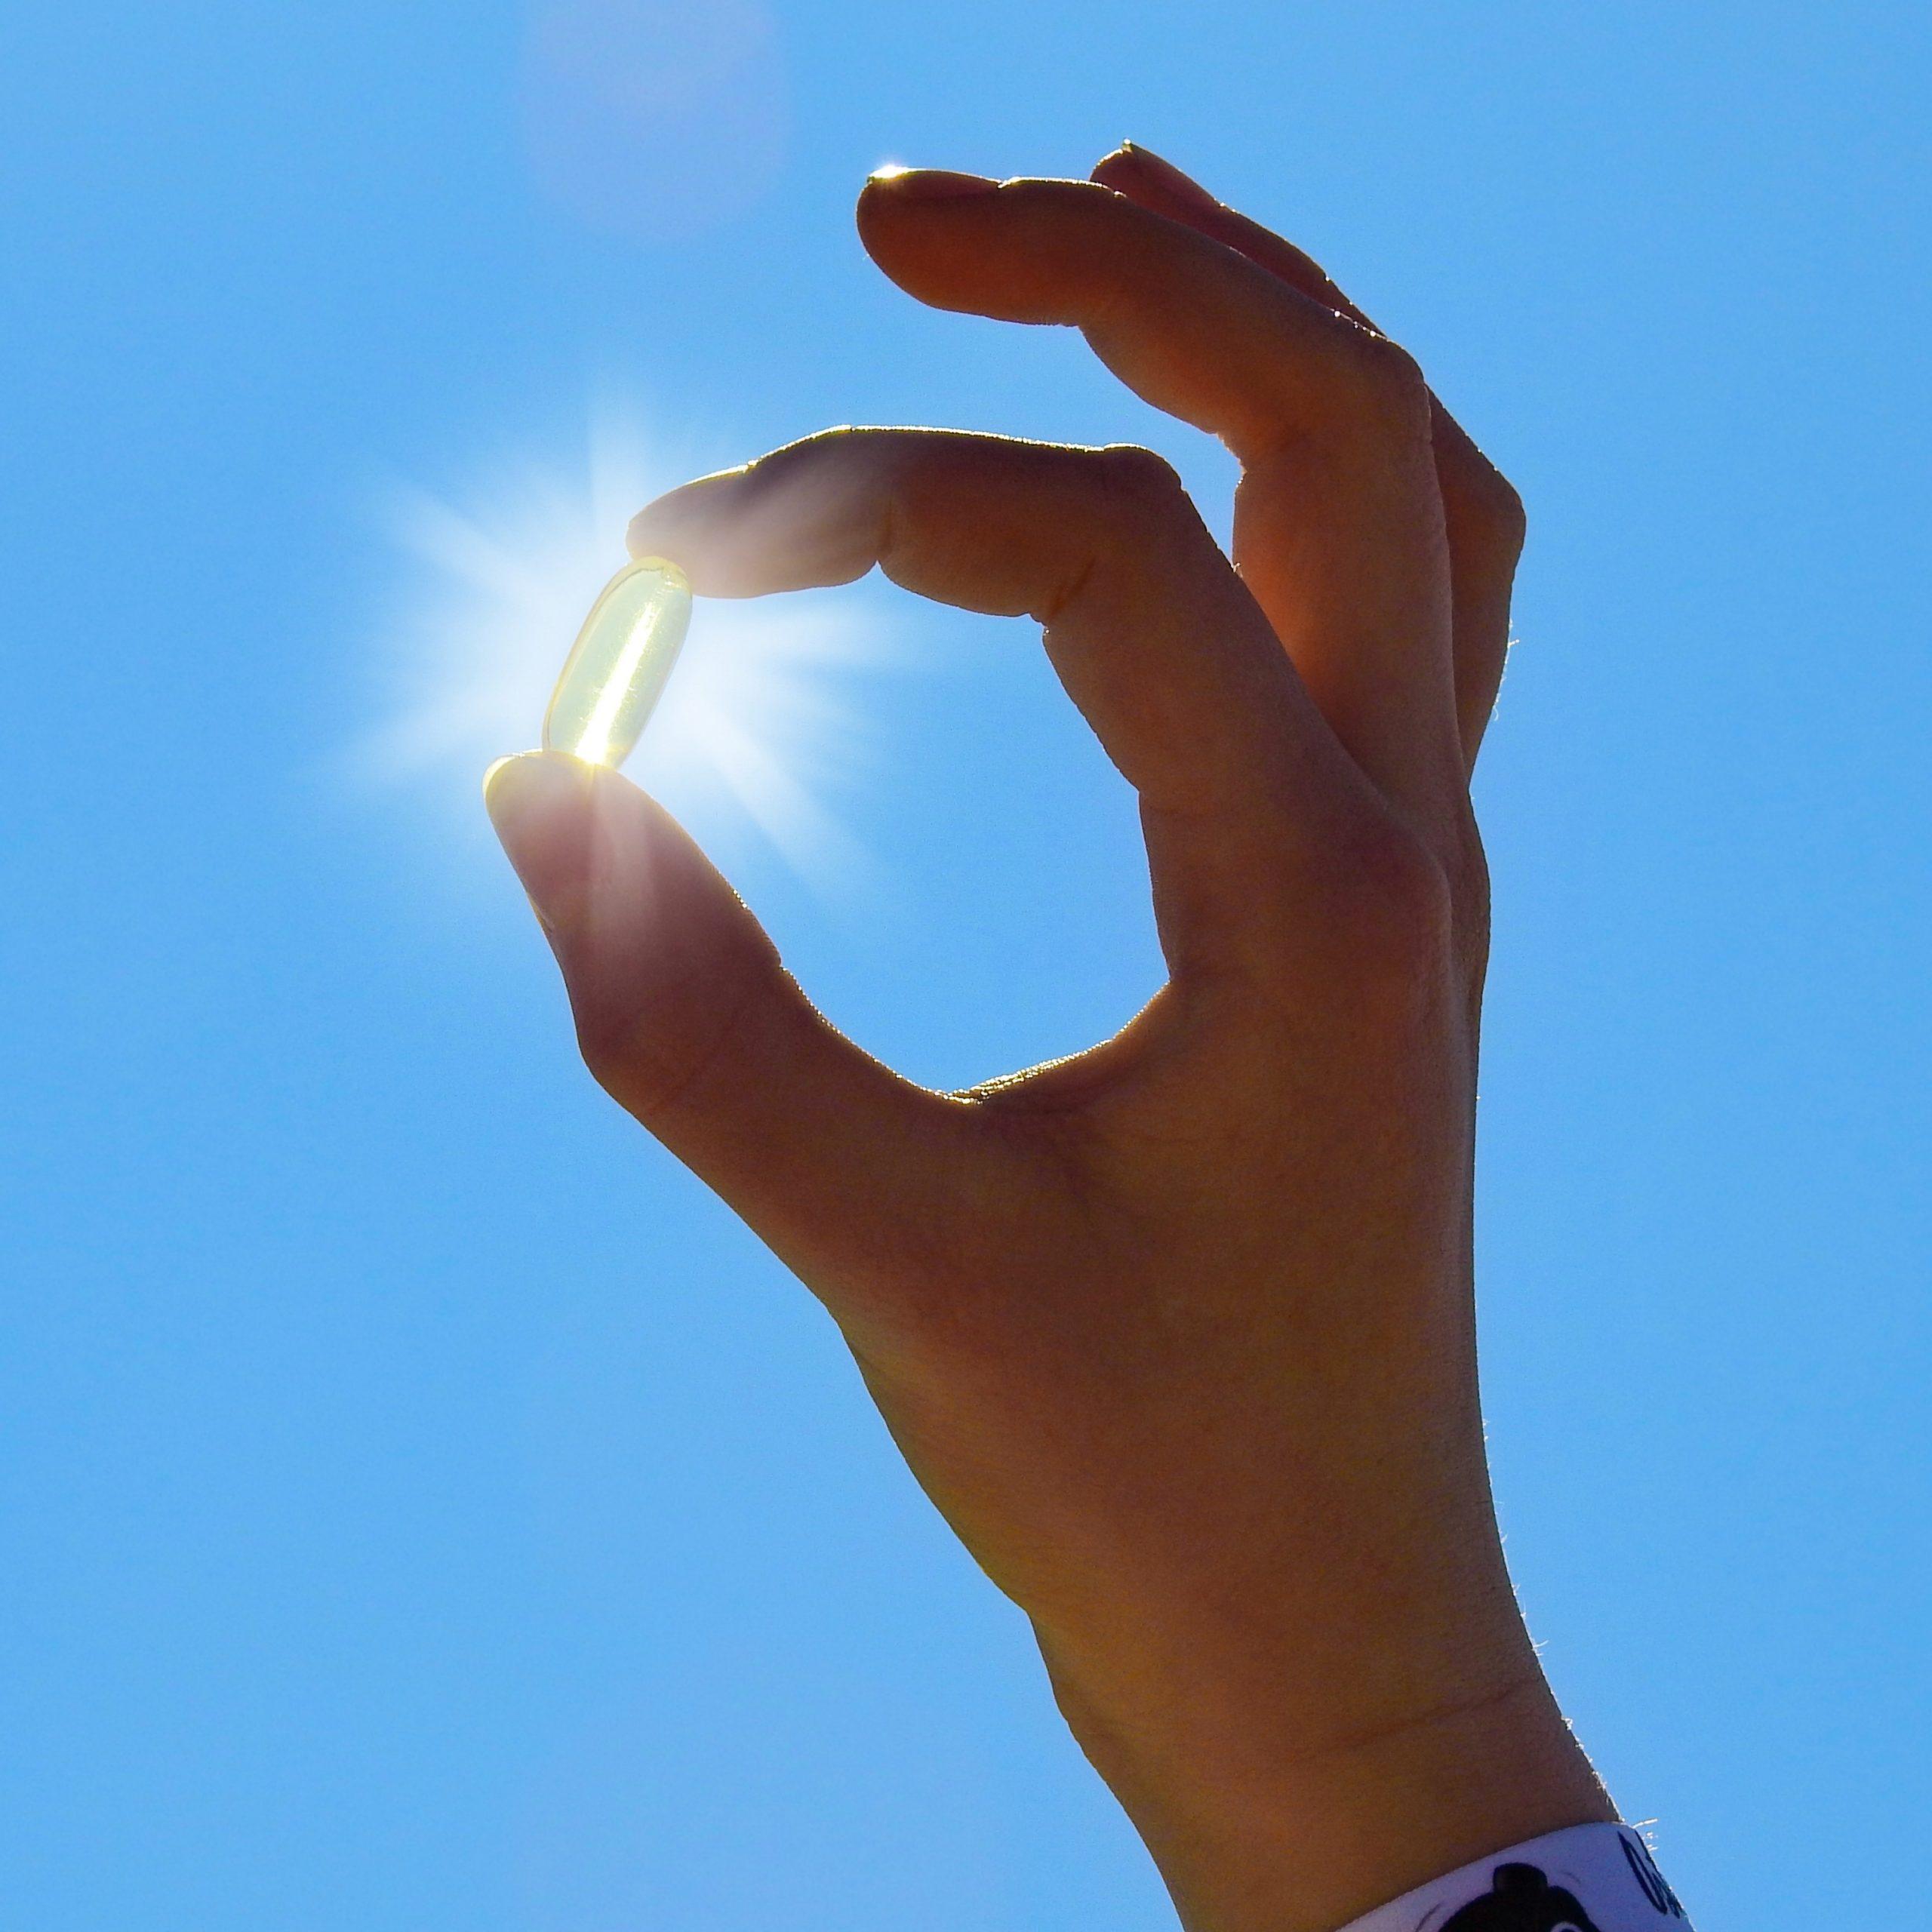 Mit einem 10- bis 20-minütigen Sonnenbad werden im Sommer ca. 10.000 IE bis 20.000 IE (Internationale Einheiten) Vitamin-D erzeugt.